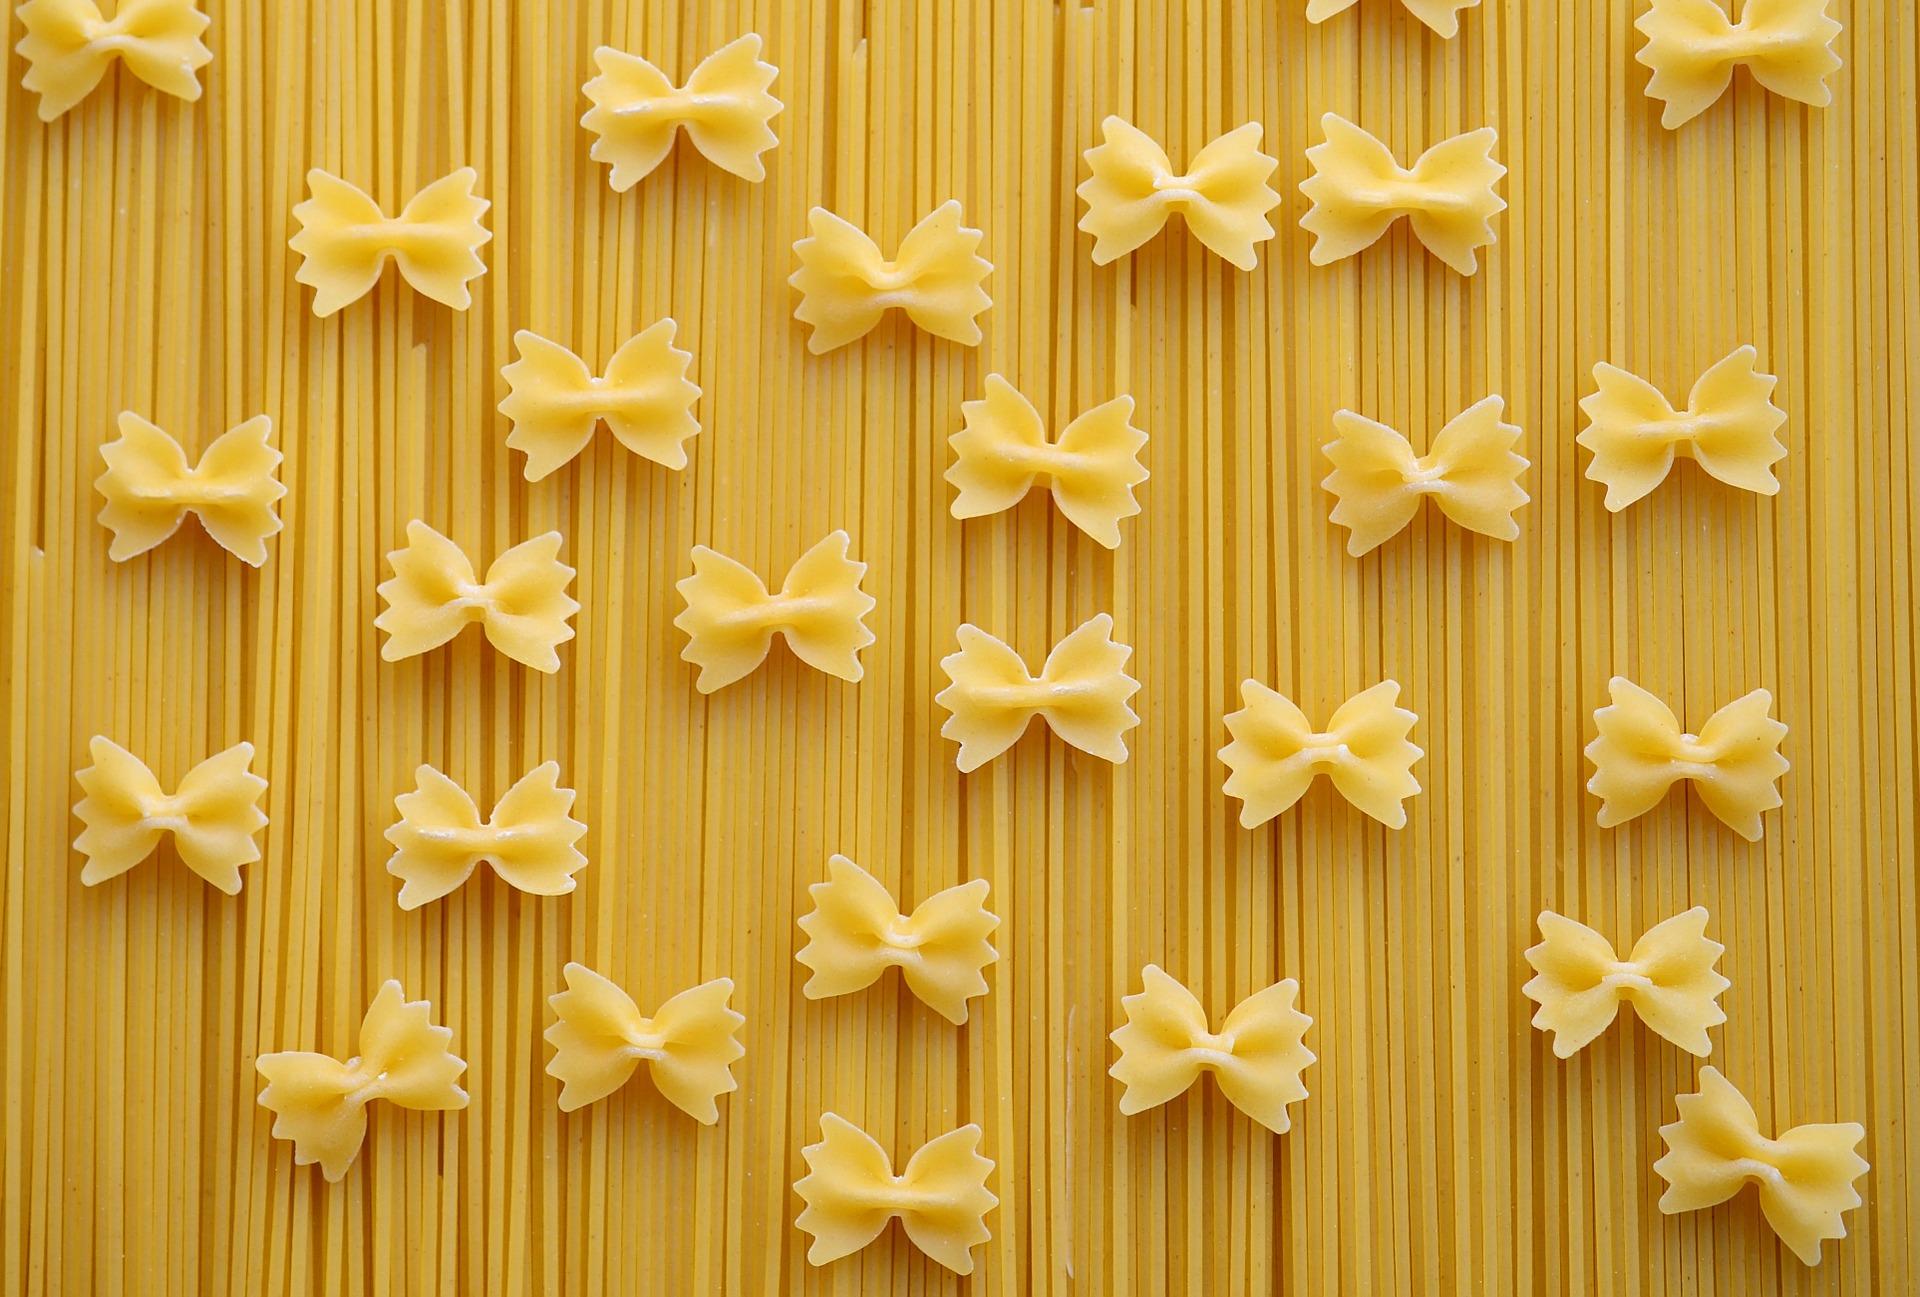 tagliatelle, pasta, Spaghetti, cravatte, Cibo italiano - Sfondi HD - Professor-falken.comjpg